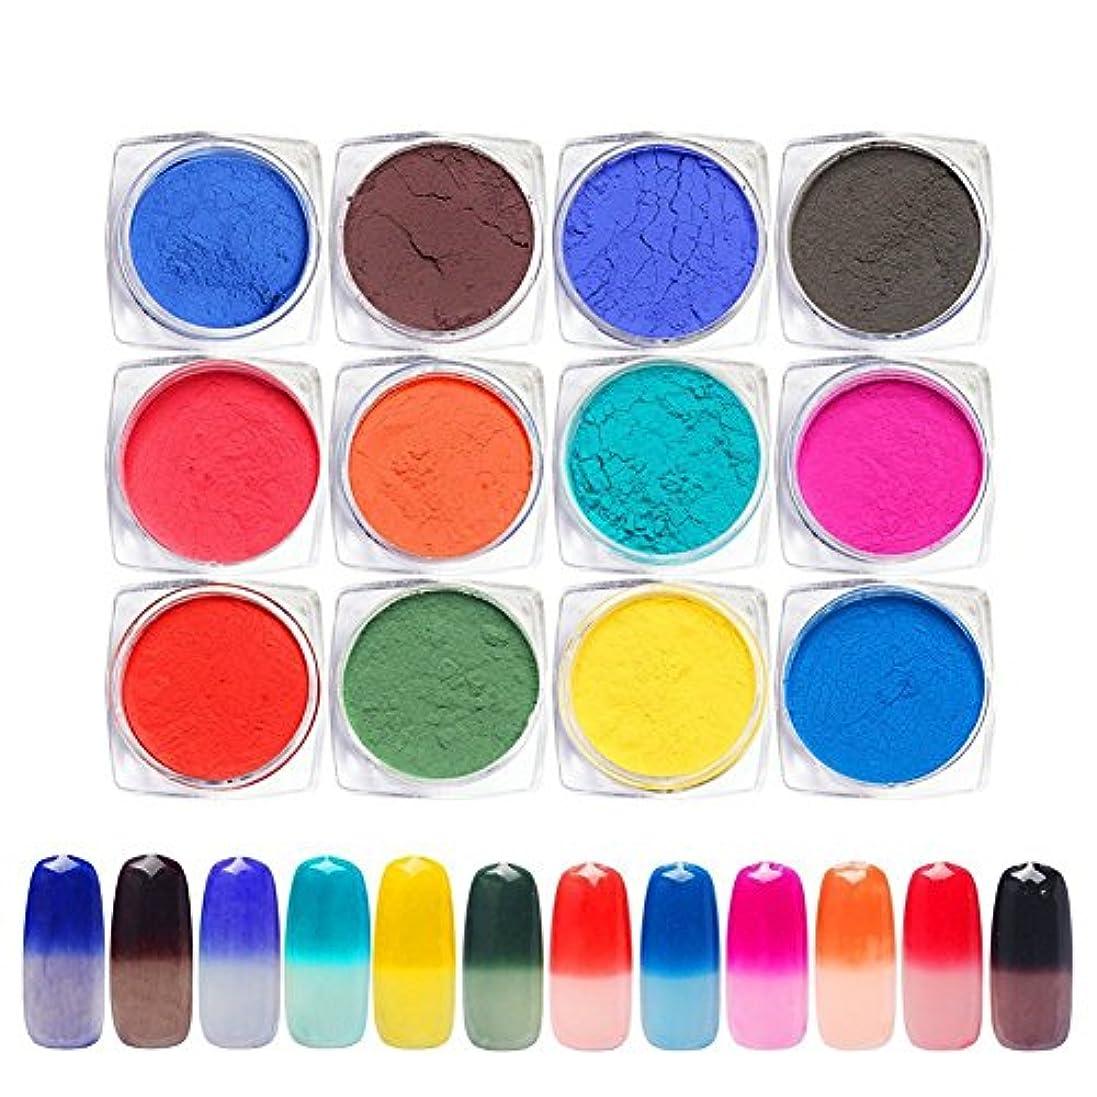 交換可能改善するナインへ12色セット 変色パウダー温度により色が変わりるネイルパウダーネイルアートネイルデザインネイルデコアクセサリー